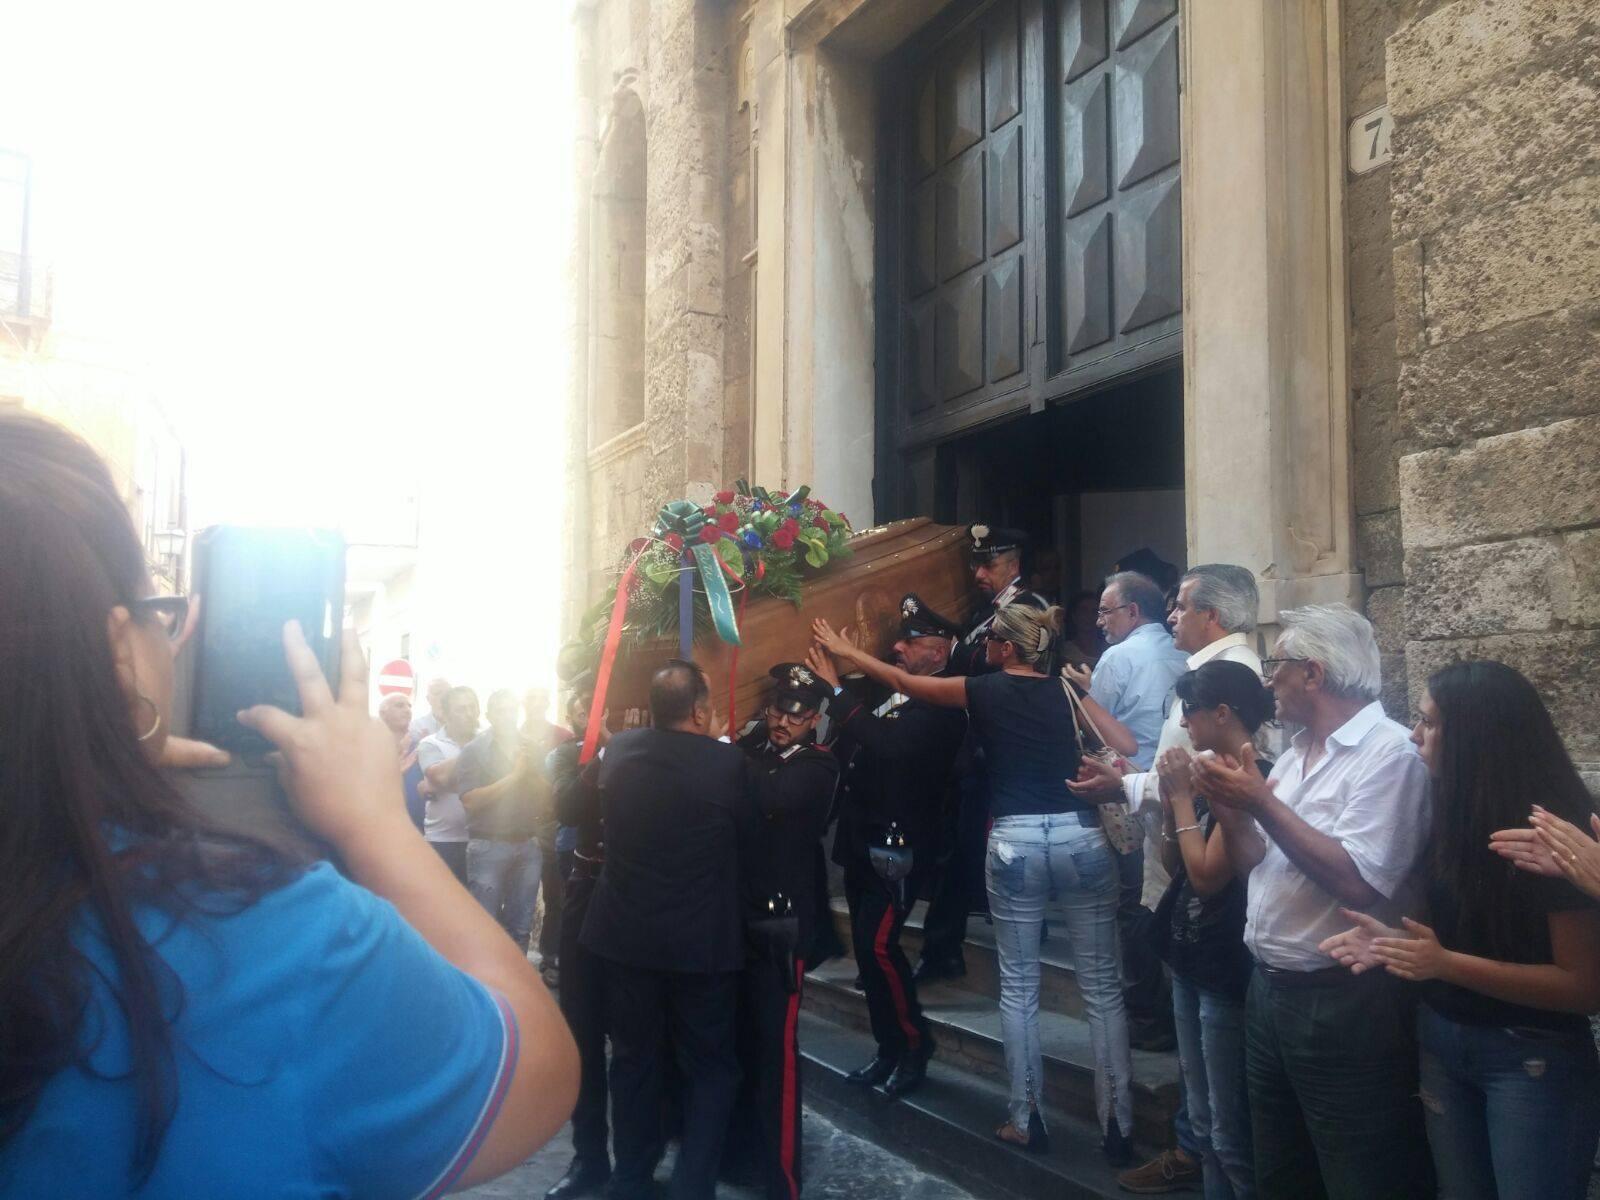 Suicidio maresciallo carabinieri, l'abbraccio di Pizzoai funerali del comandante di Stazione